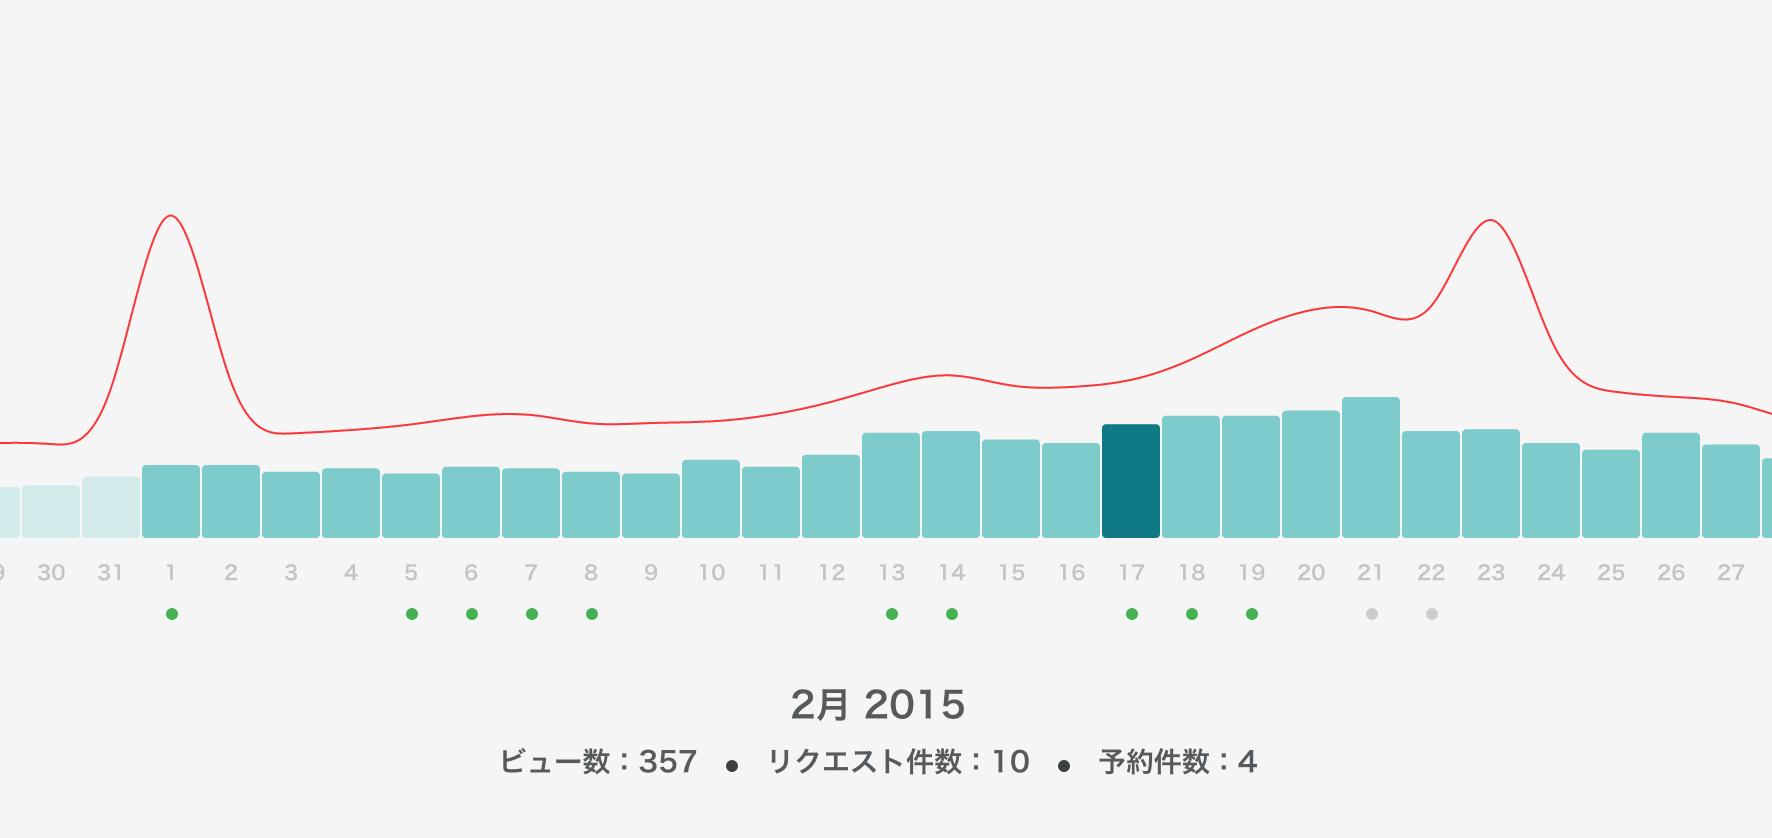 スクリーンショット 2015-07-20 11.08.17